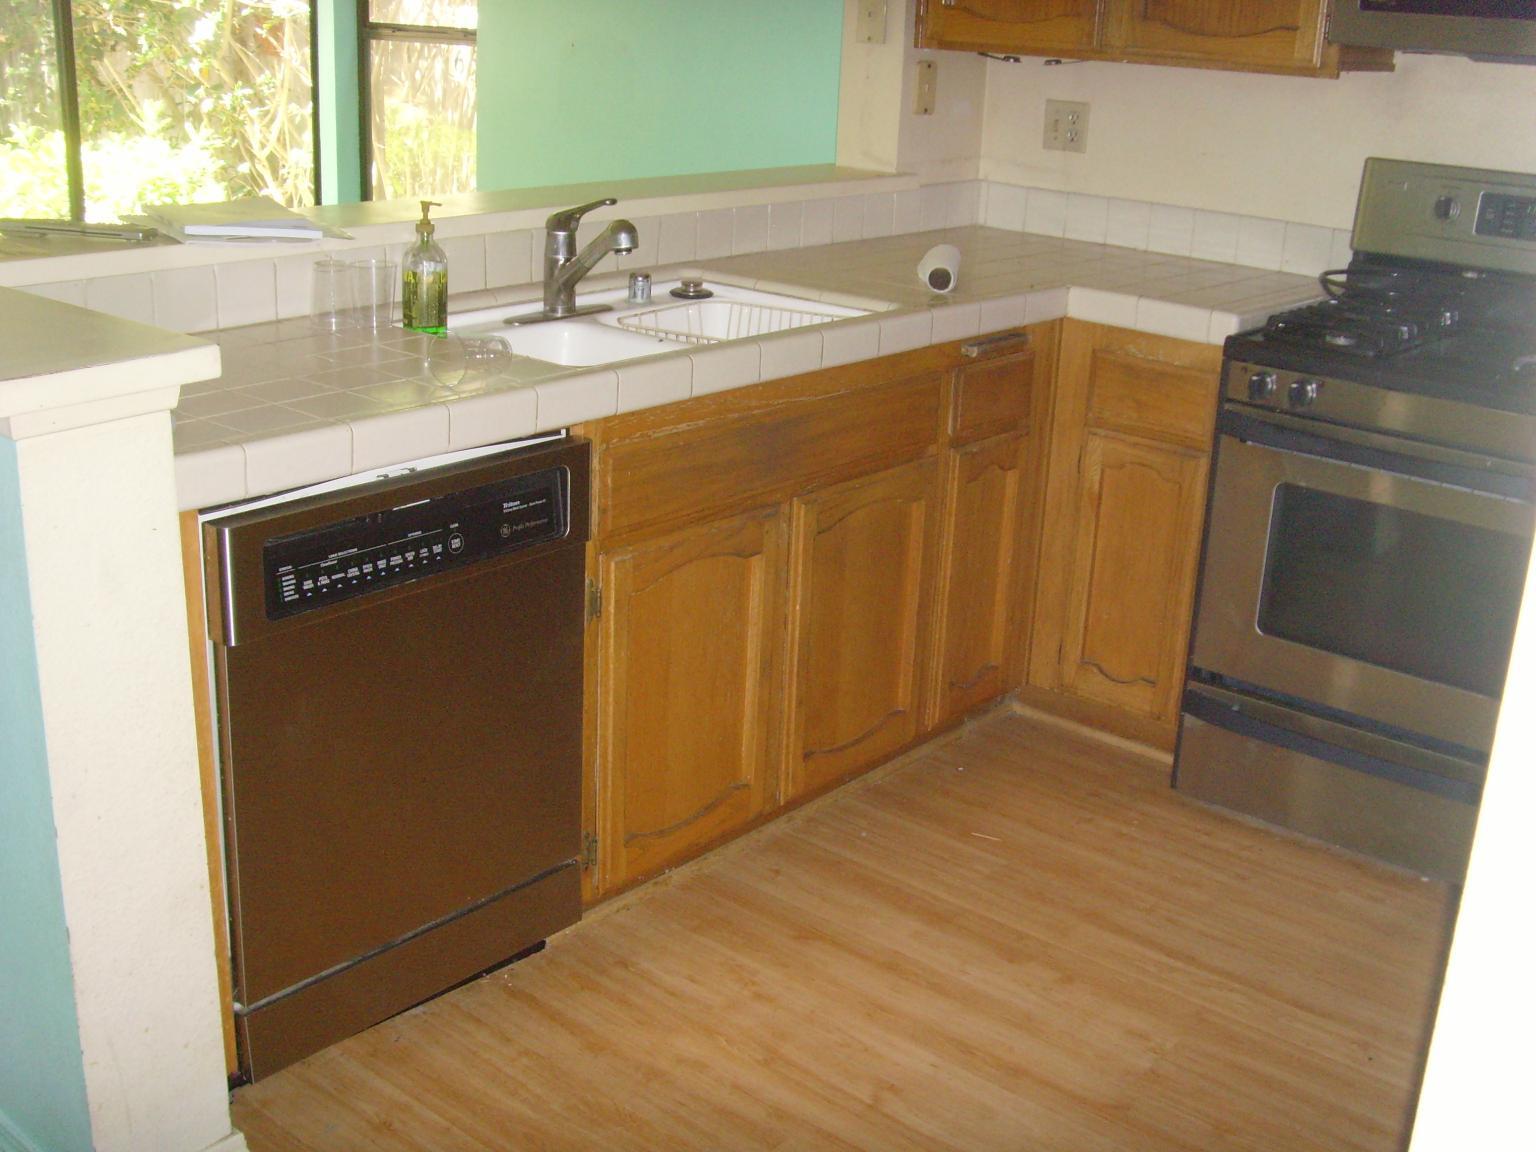 Lavello Cucina Americana | Grandi Lastre Gres Porcellanato Per La ...